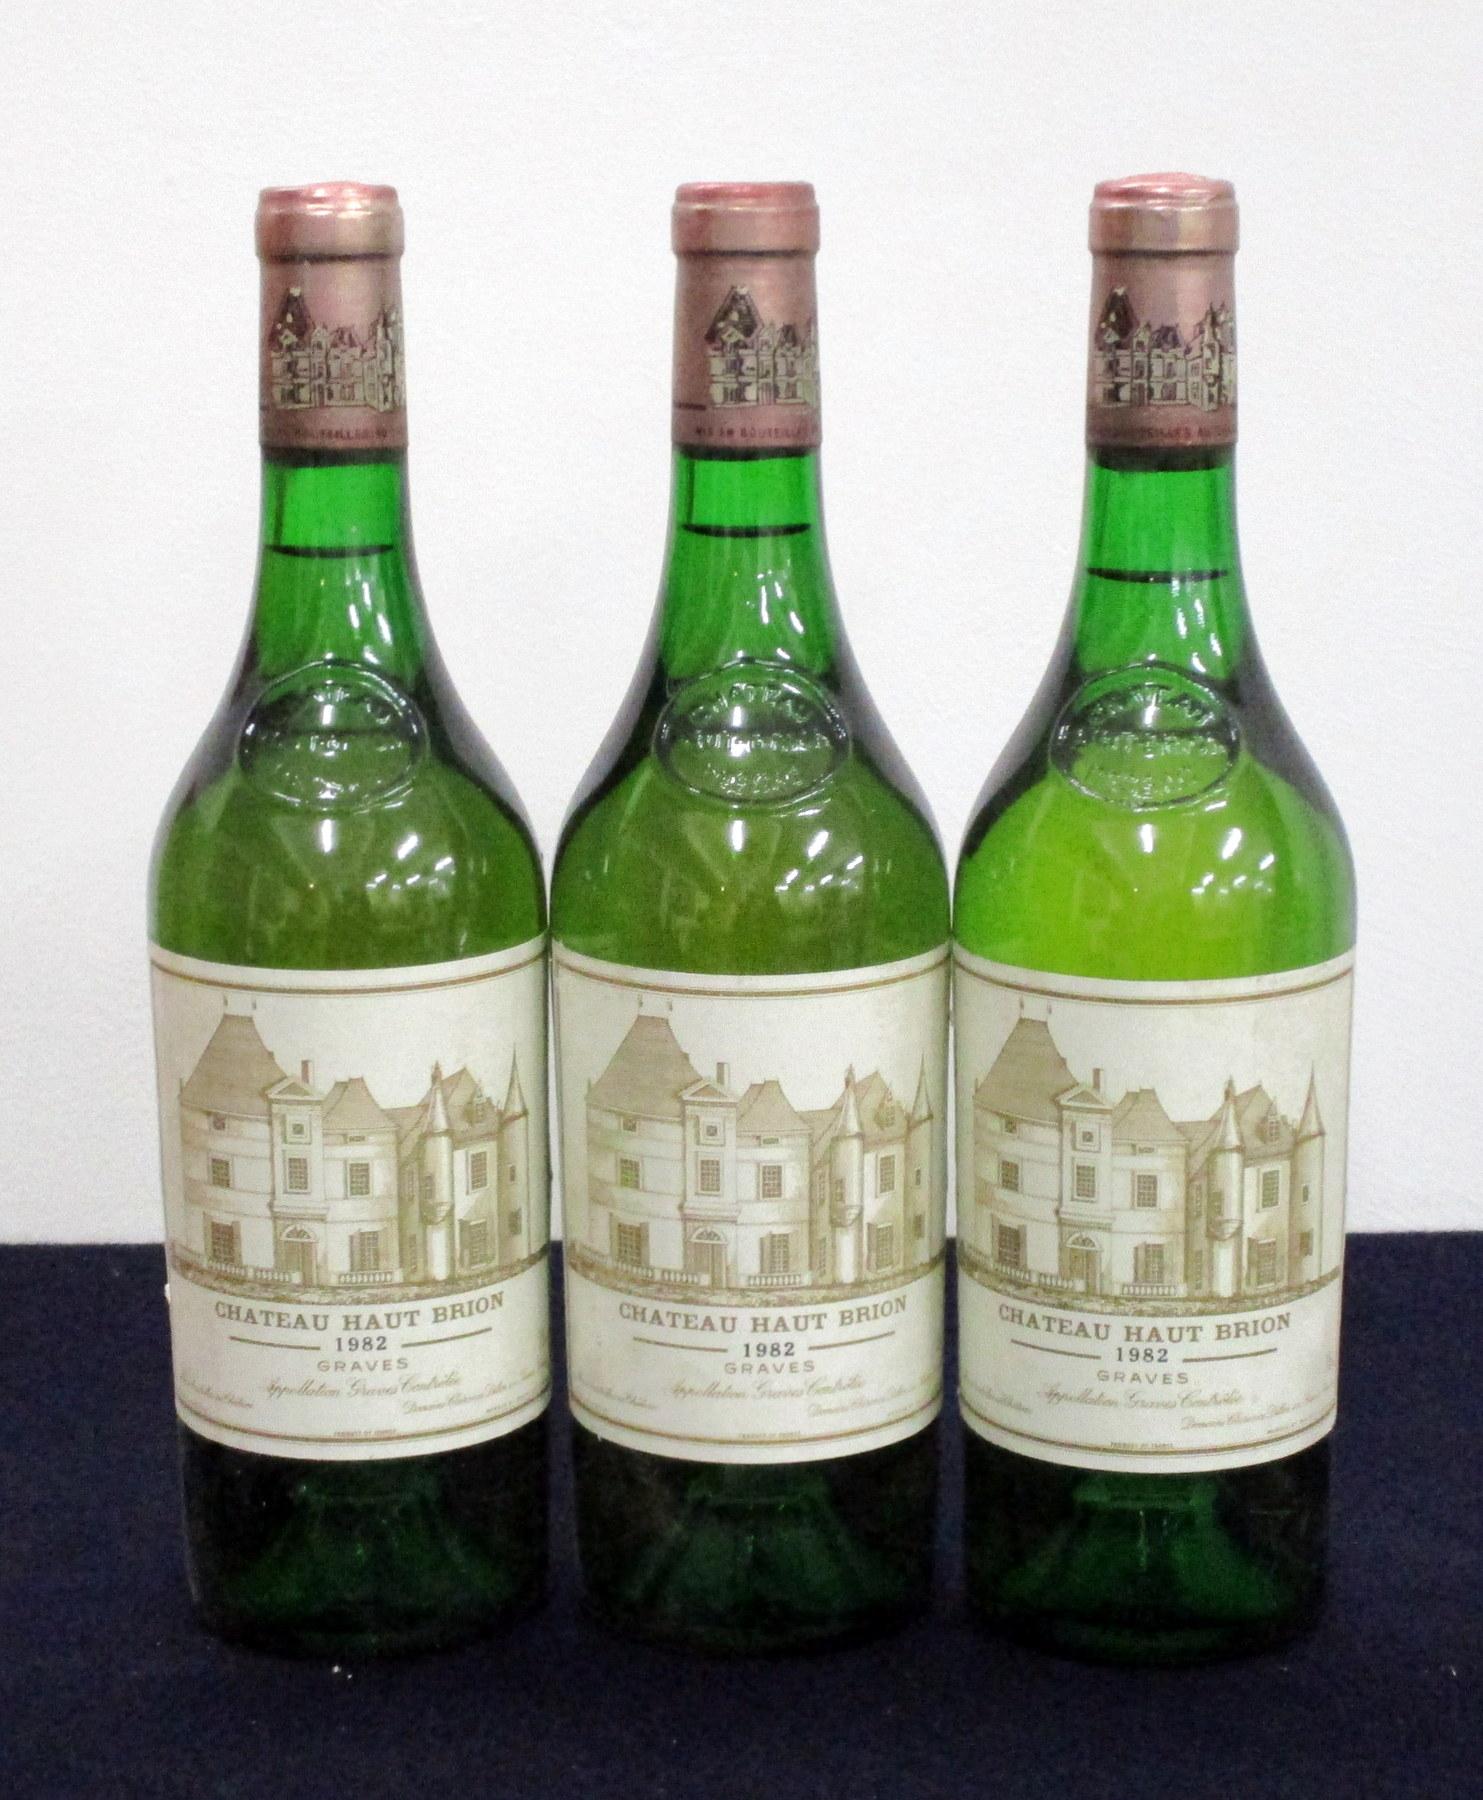 3 bts Ch. Haut Brion (Blanc) 1982 Pessac (Graves), 1er Cru Classé 1 i.n, 1 vts, 1 ts, vsl bs/vsl